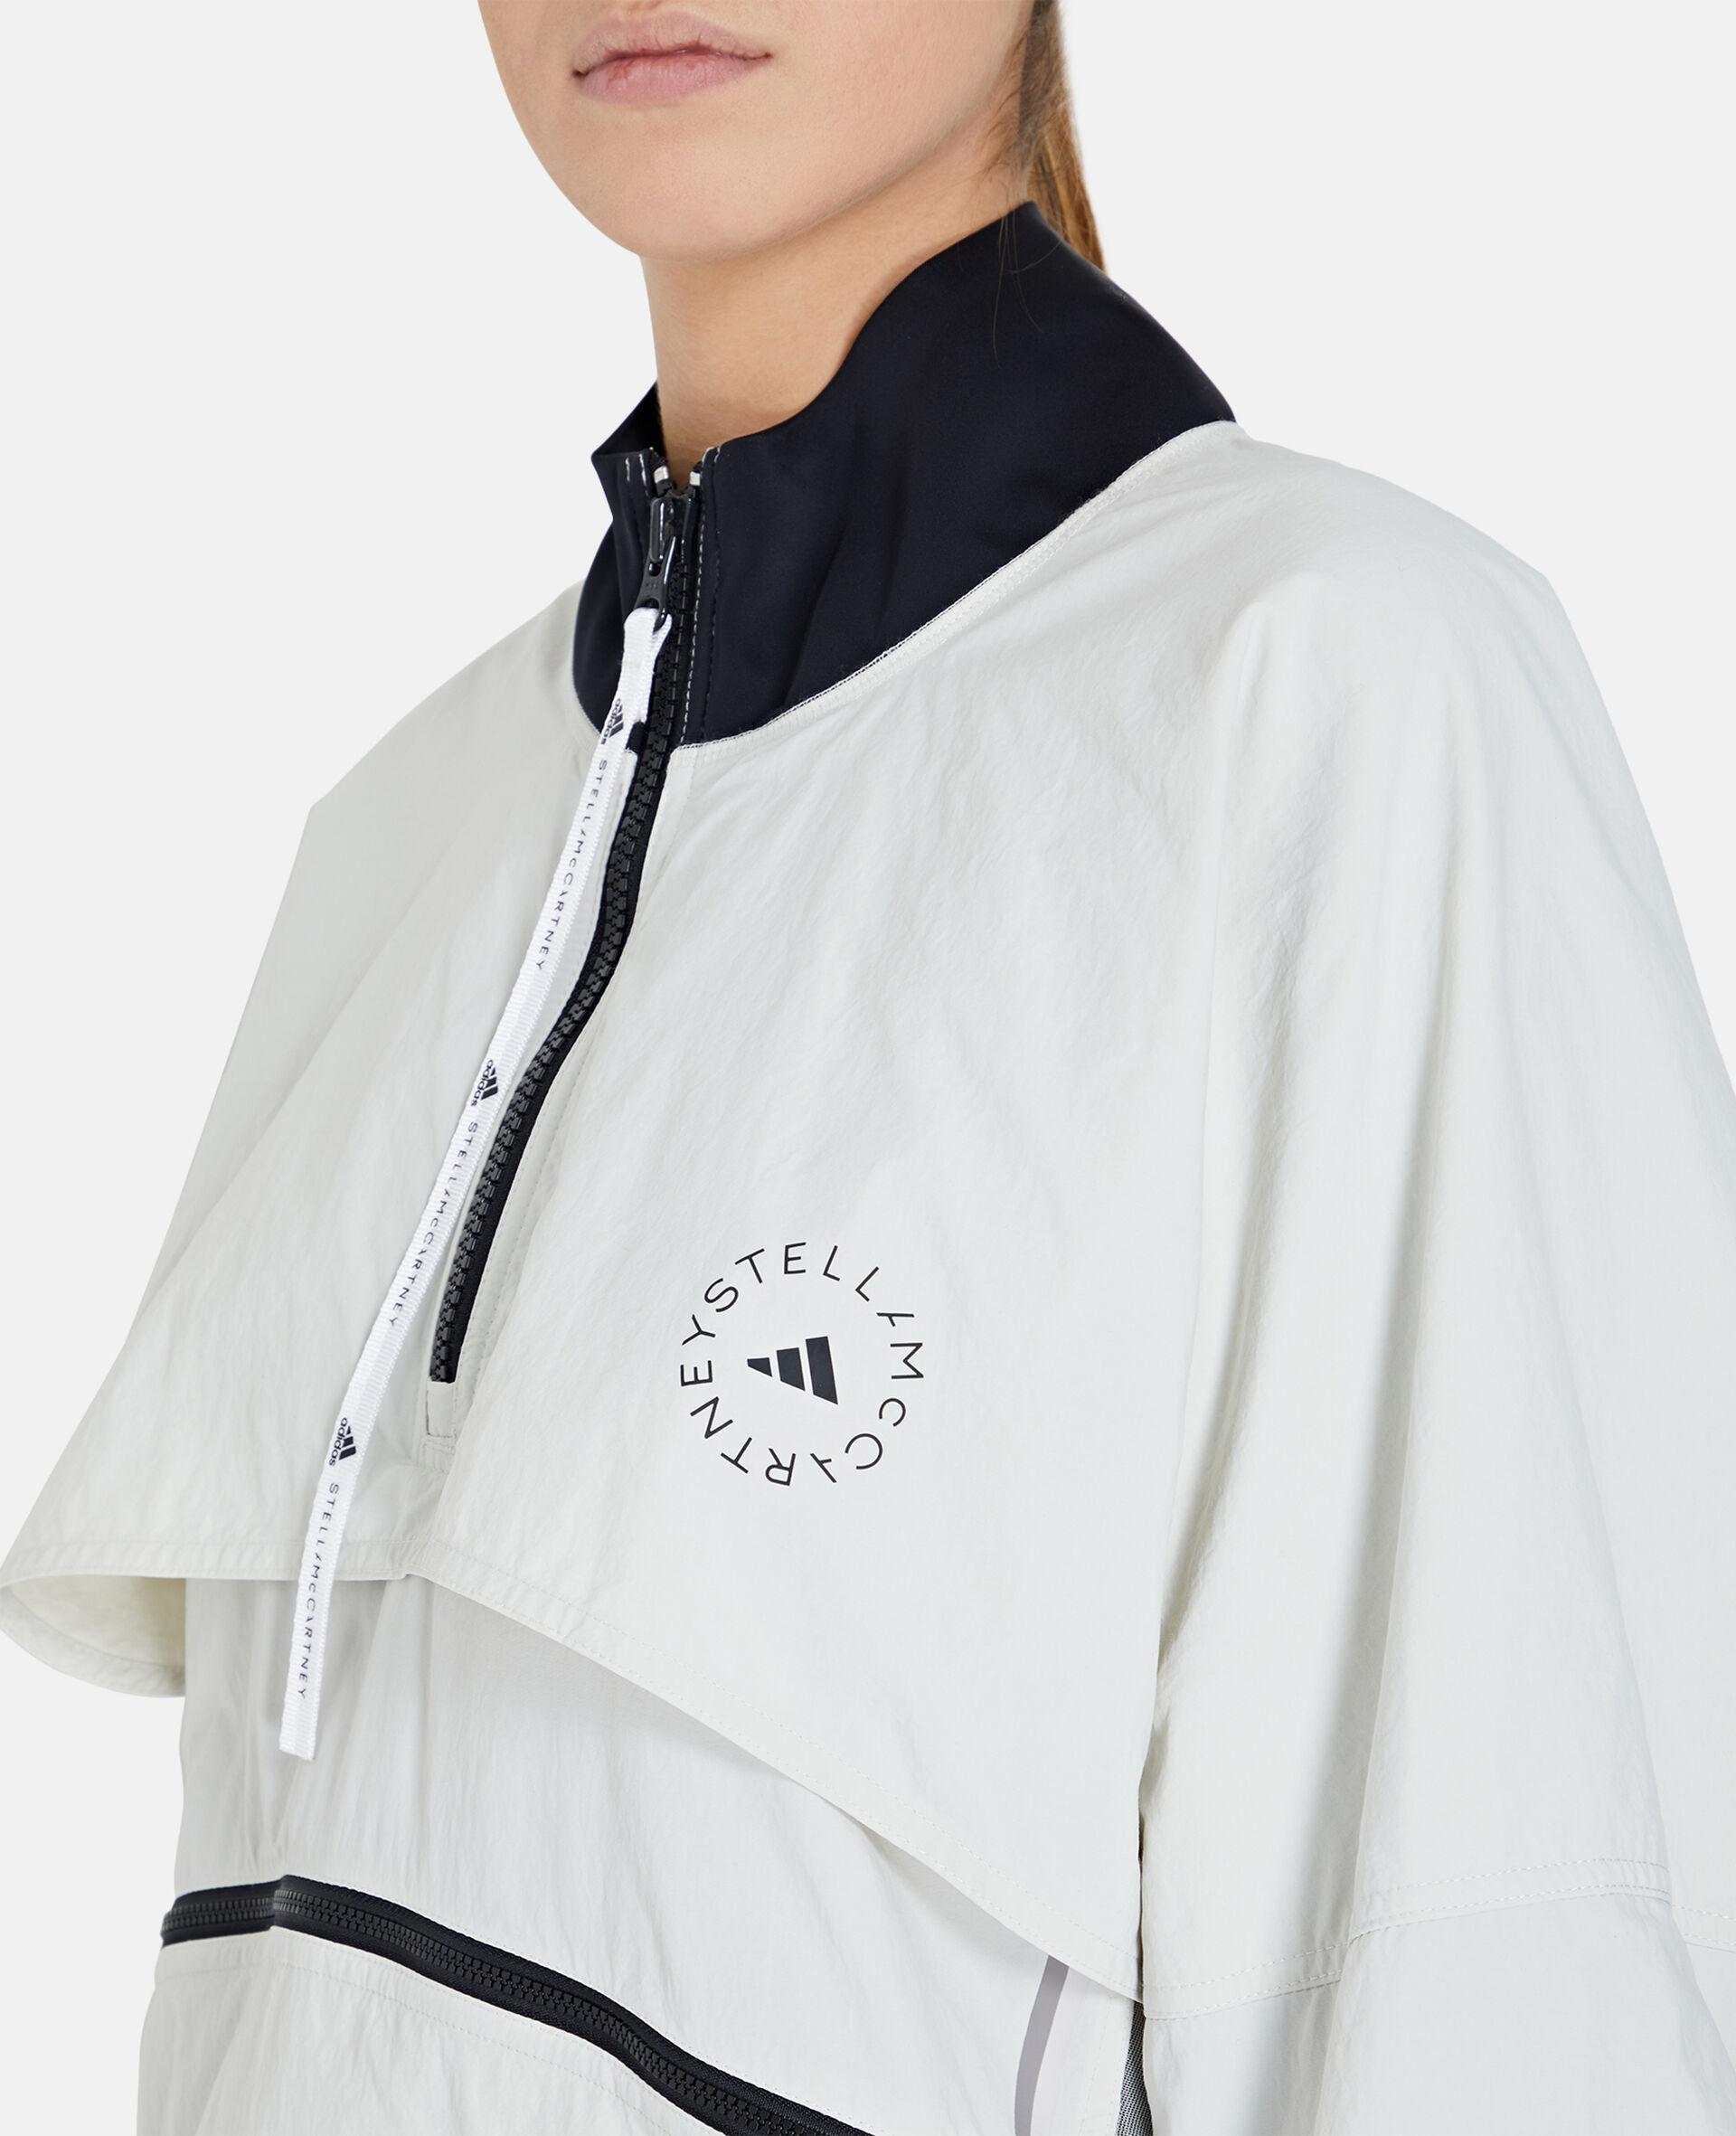 Beige Pull-On Jacket-Beige-large image number 3